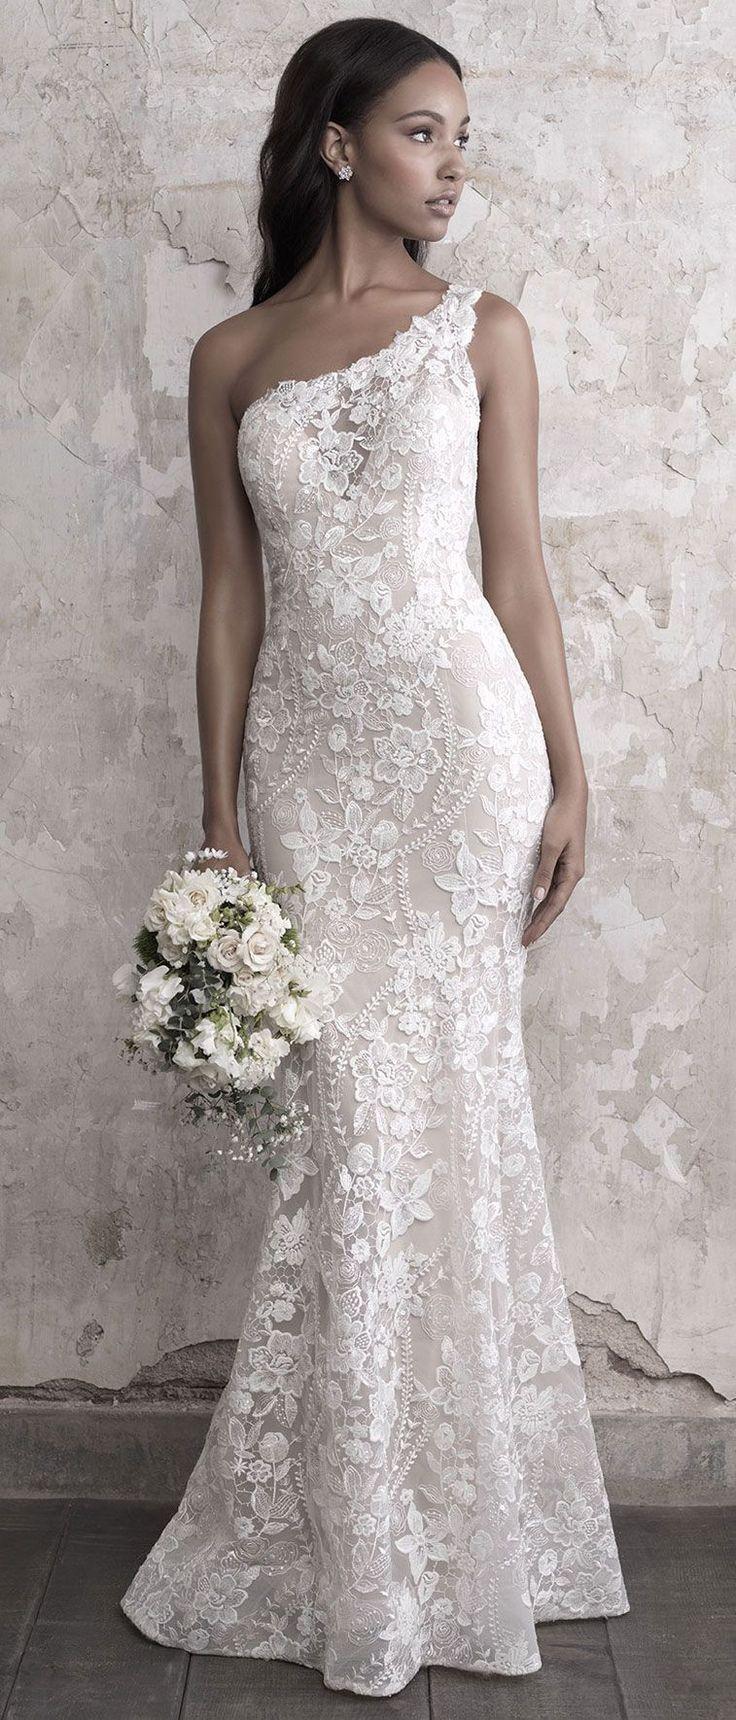 Madison James Wedding Dresses – one shoulder wedding gown #weddingdress #weddinggown #bride #bridalgown